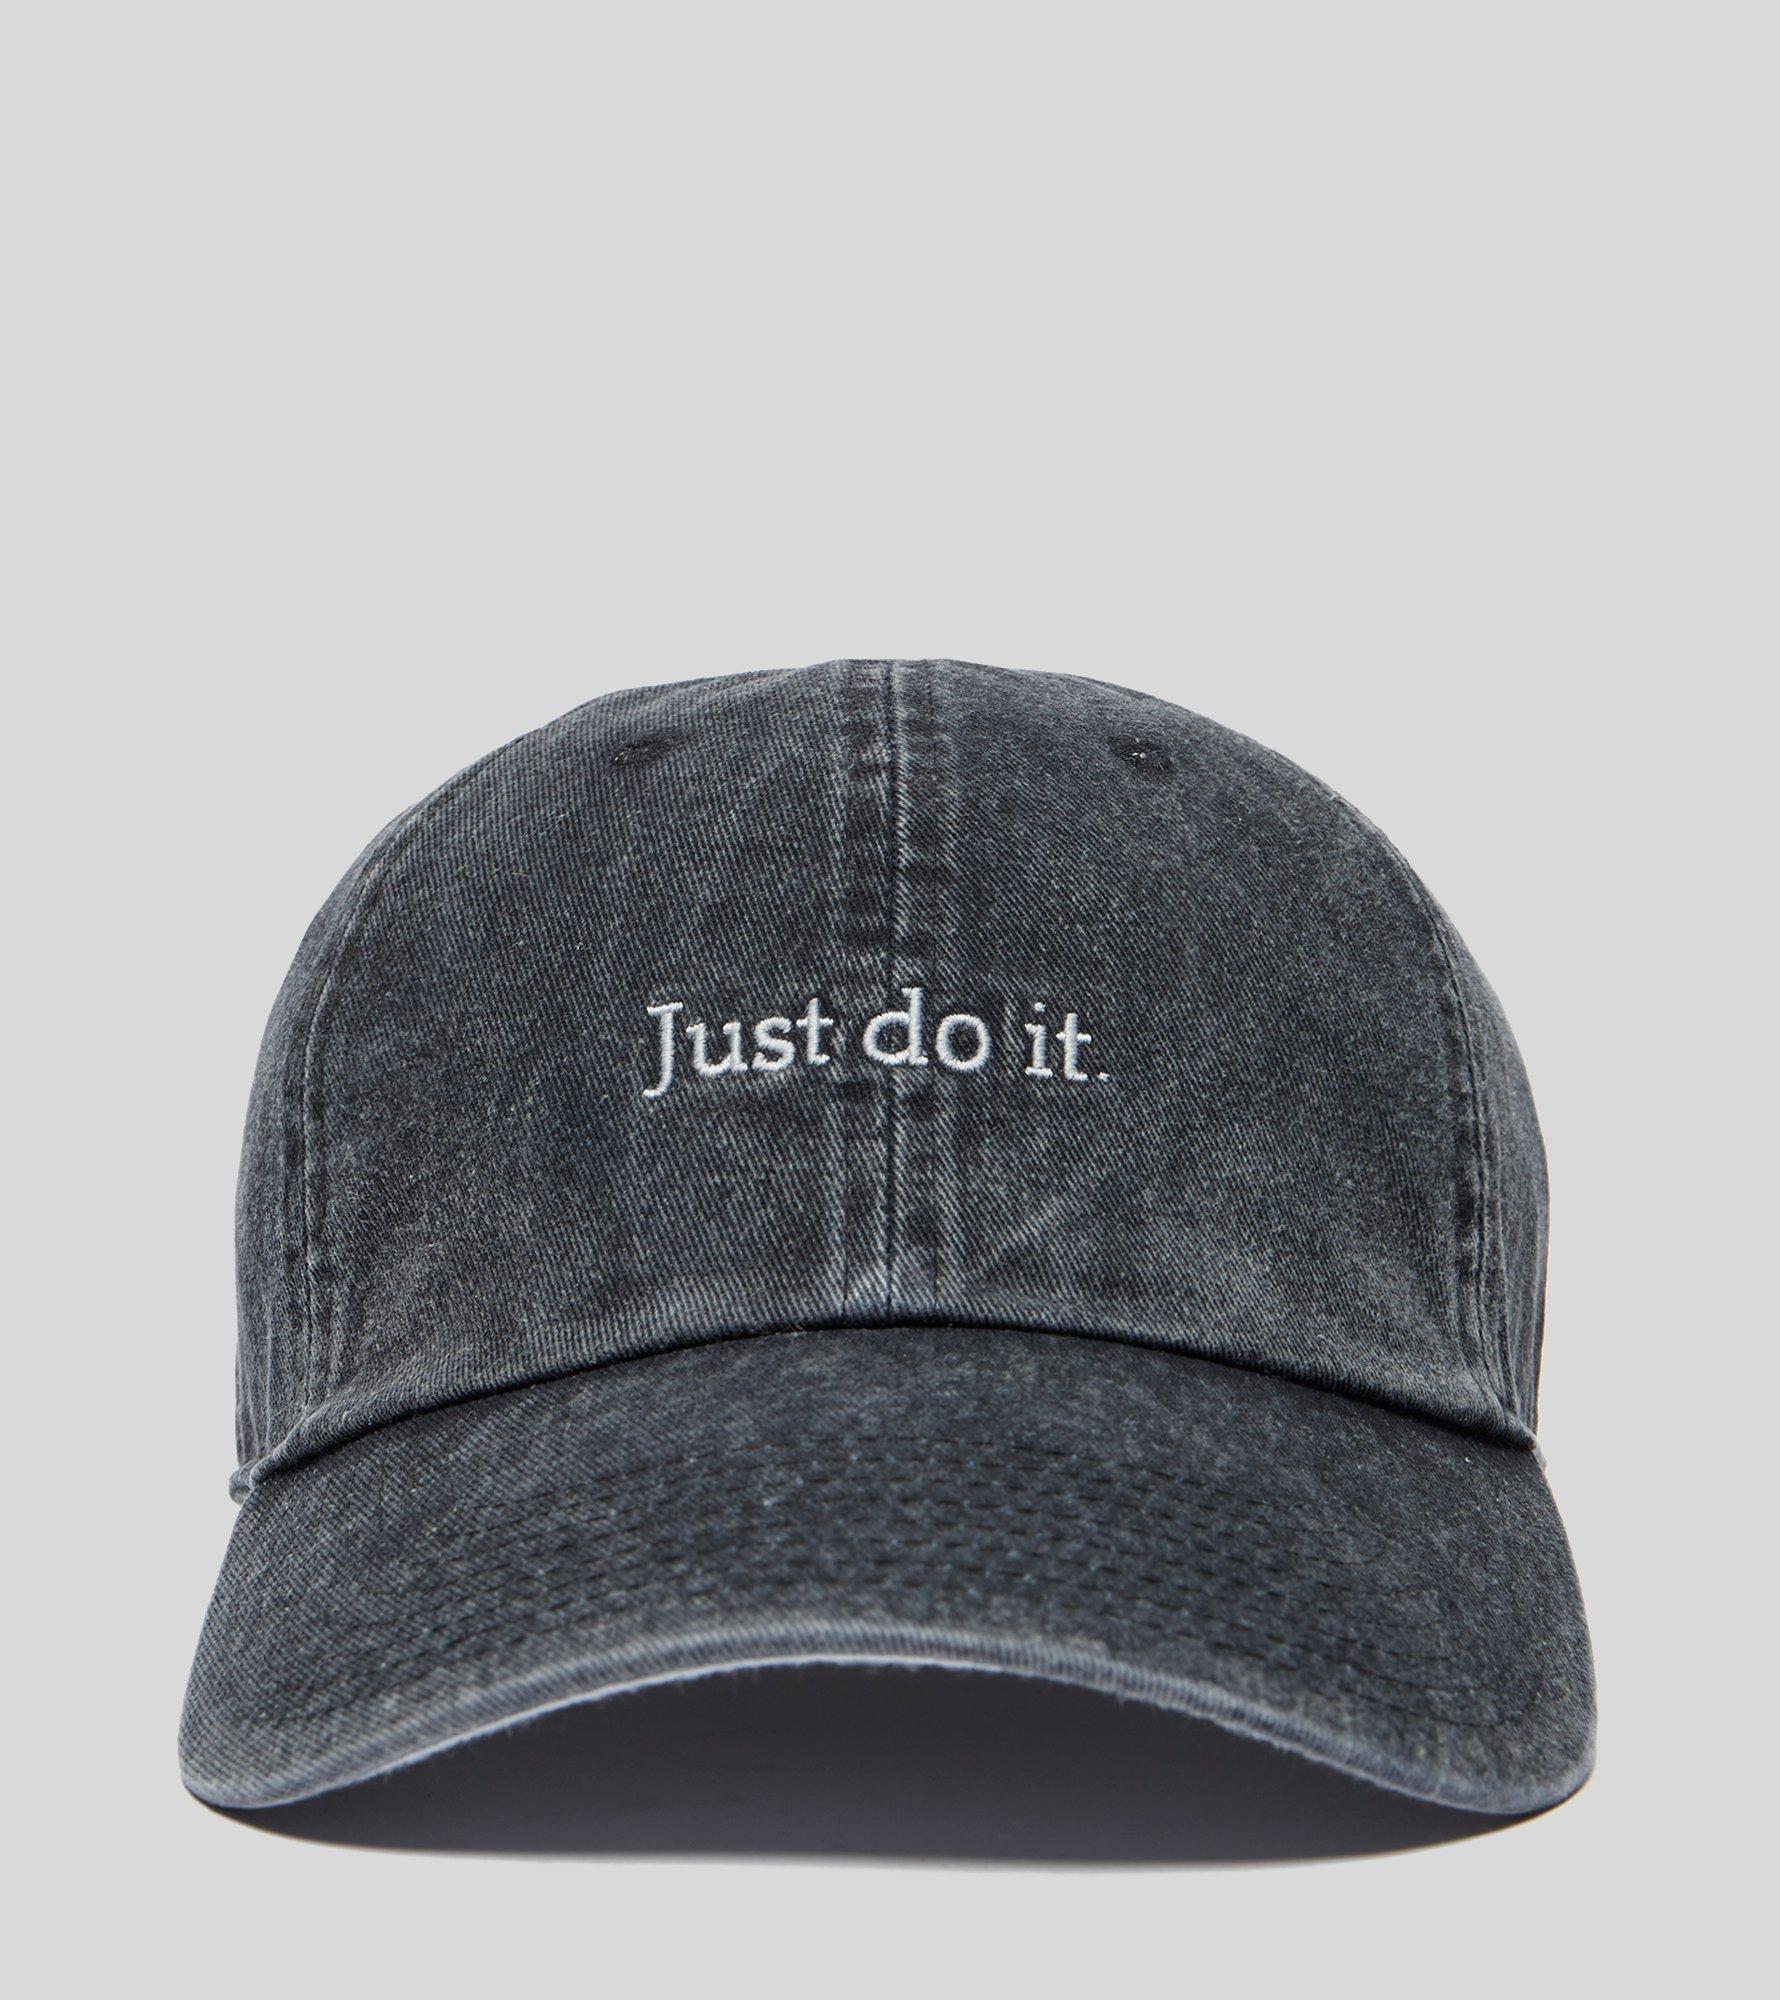 7a0dd0f810bd8 Nike Just Do It Cap in Black - Lyst